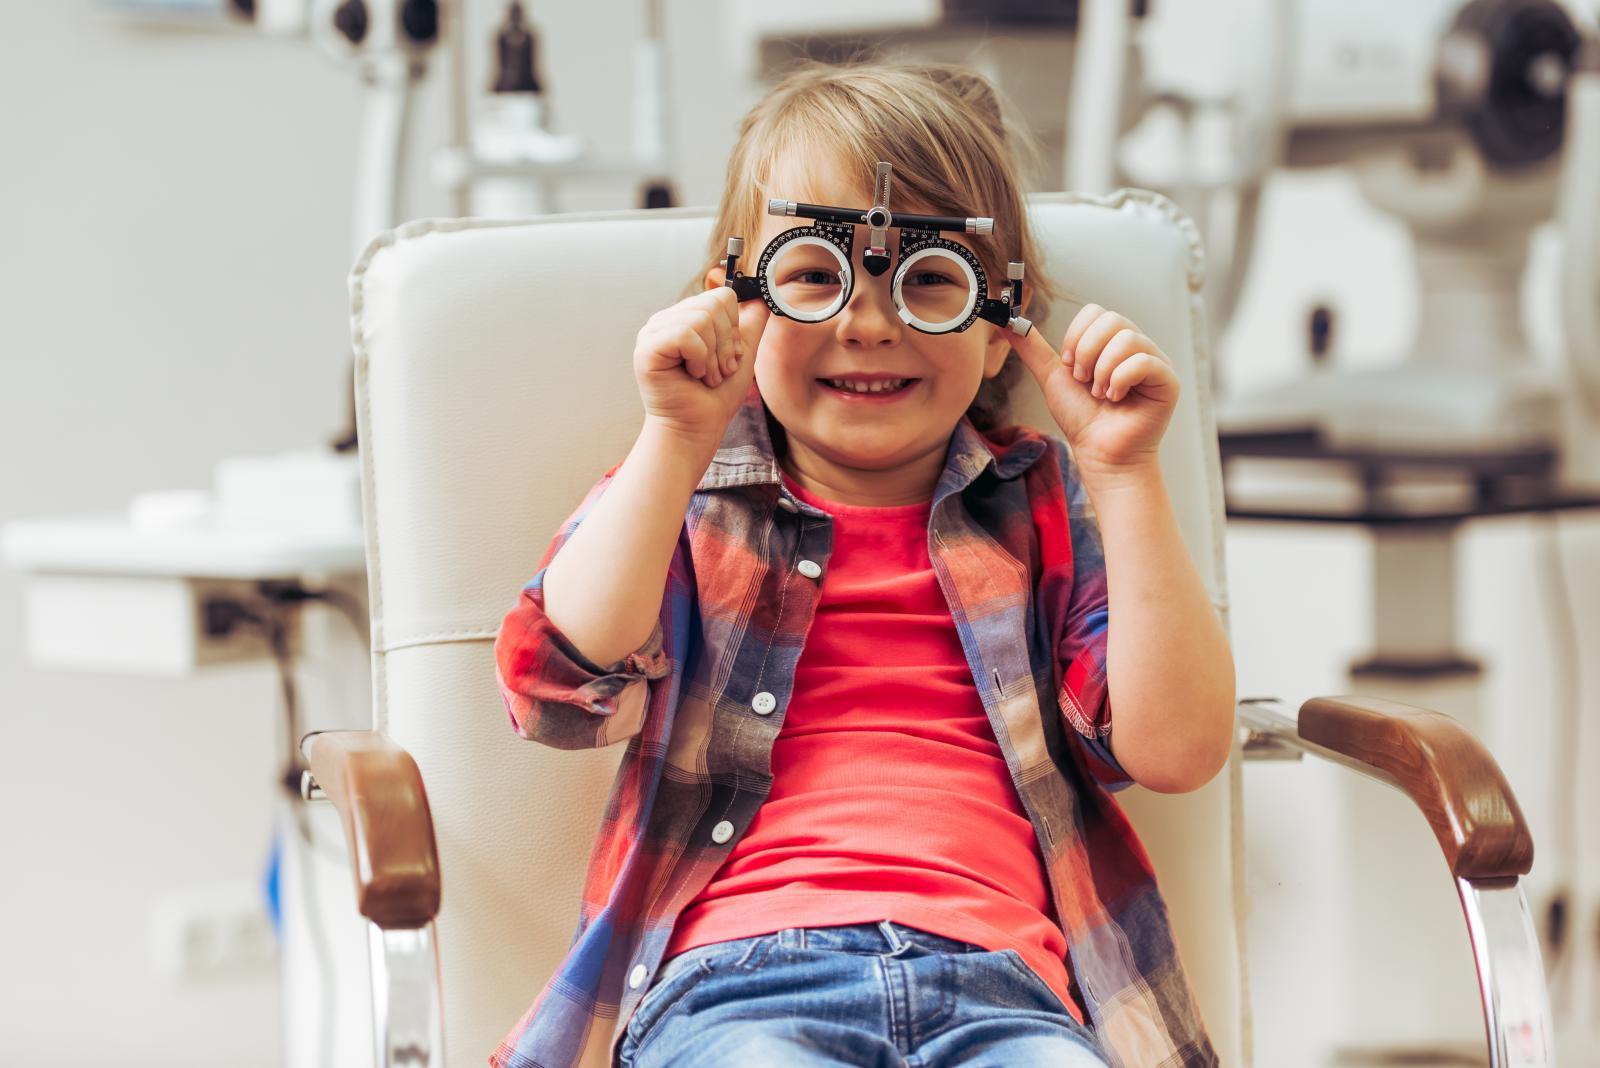 Slabovidnost (ambliopija) najčešće je oboljenje vida kod djece, a najčešće se događa samo na jednom oku.